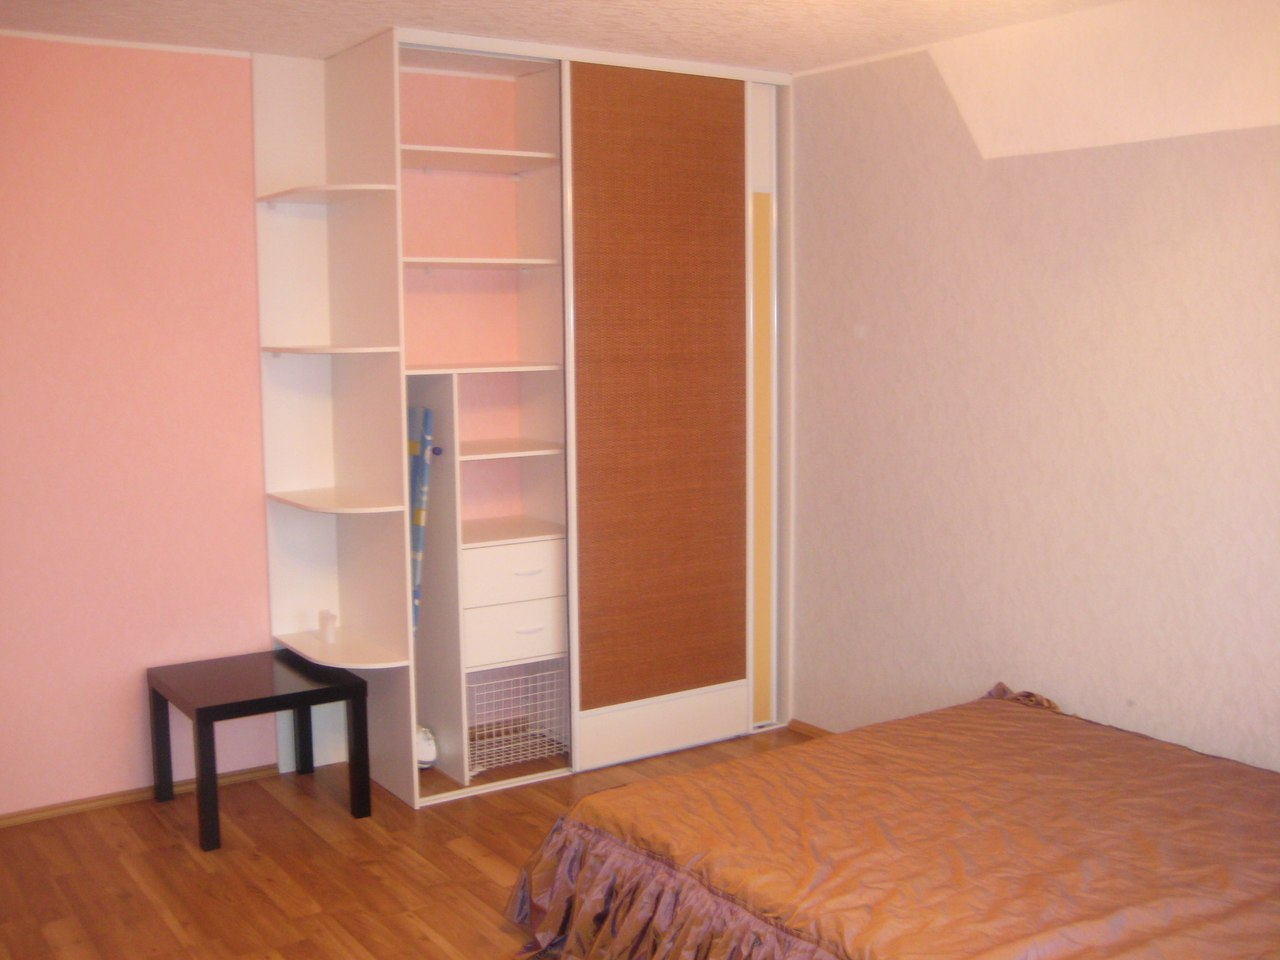 Снять квартиру в бенидорме на длительный срок цена